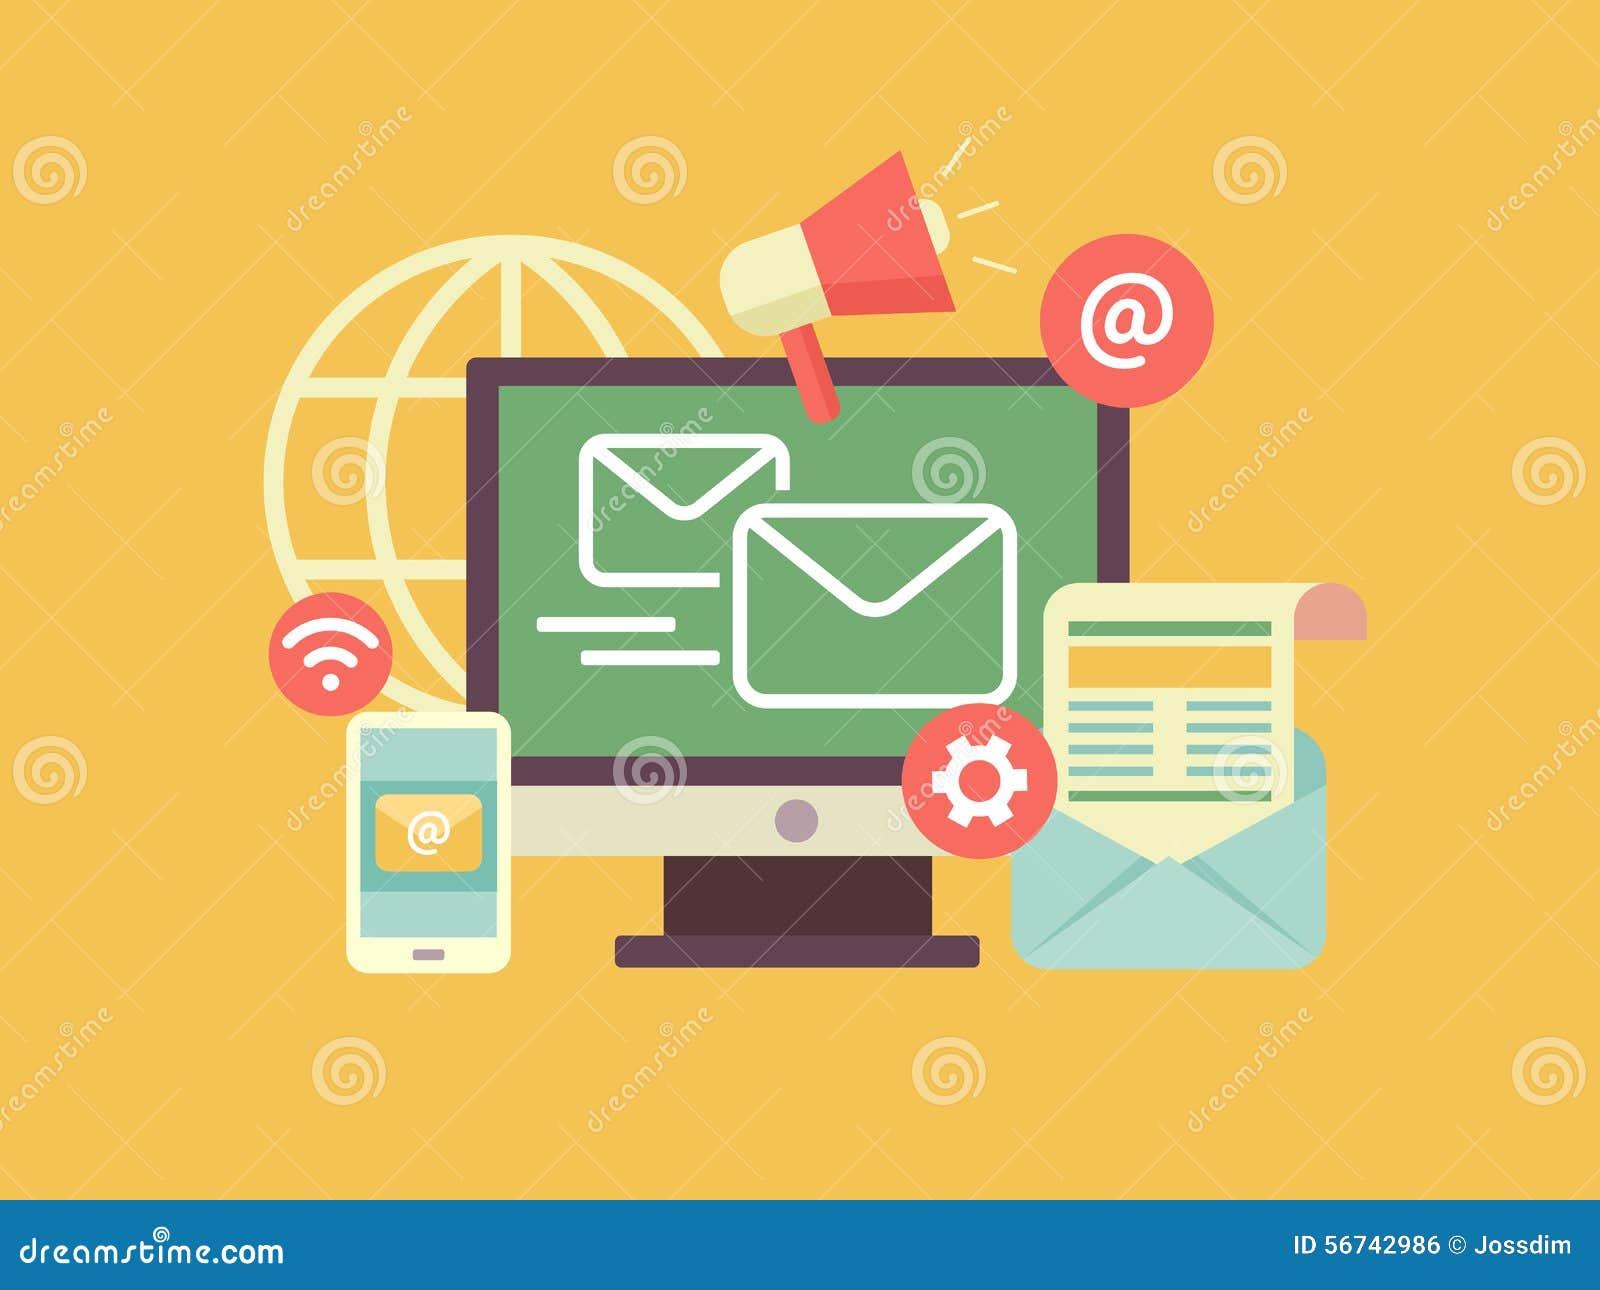 Emaila marketing